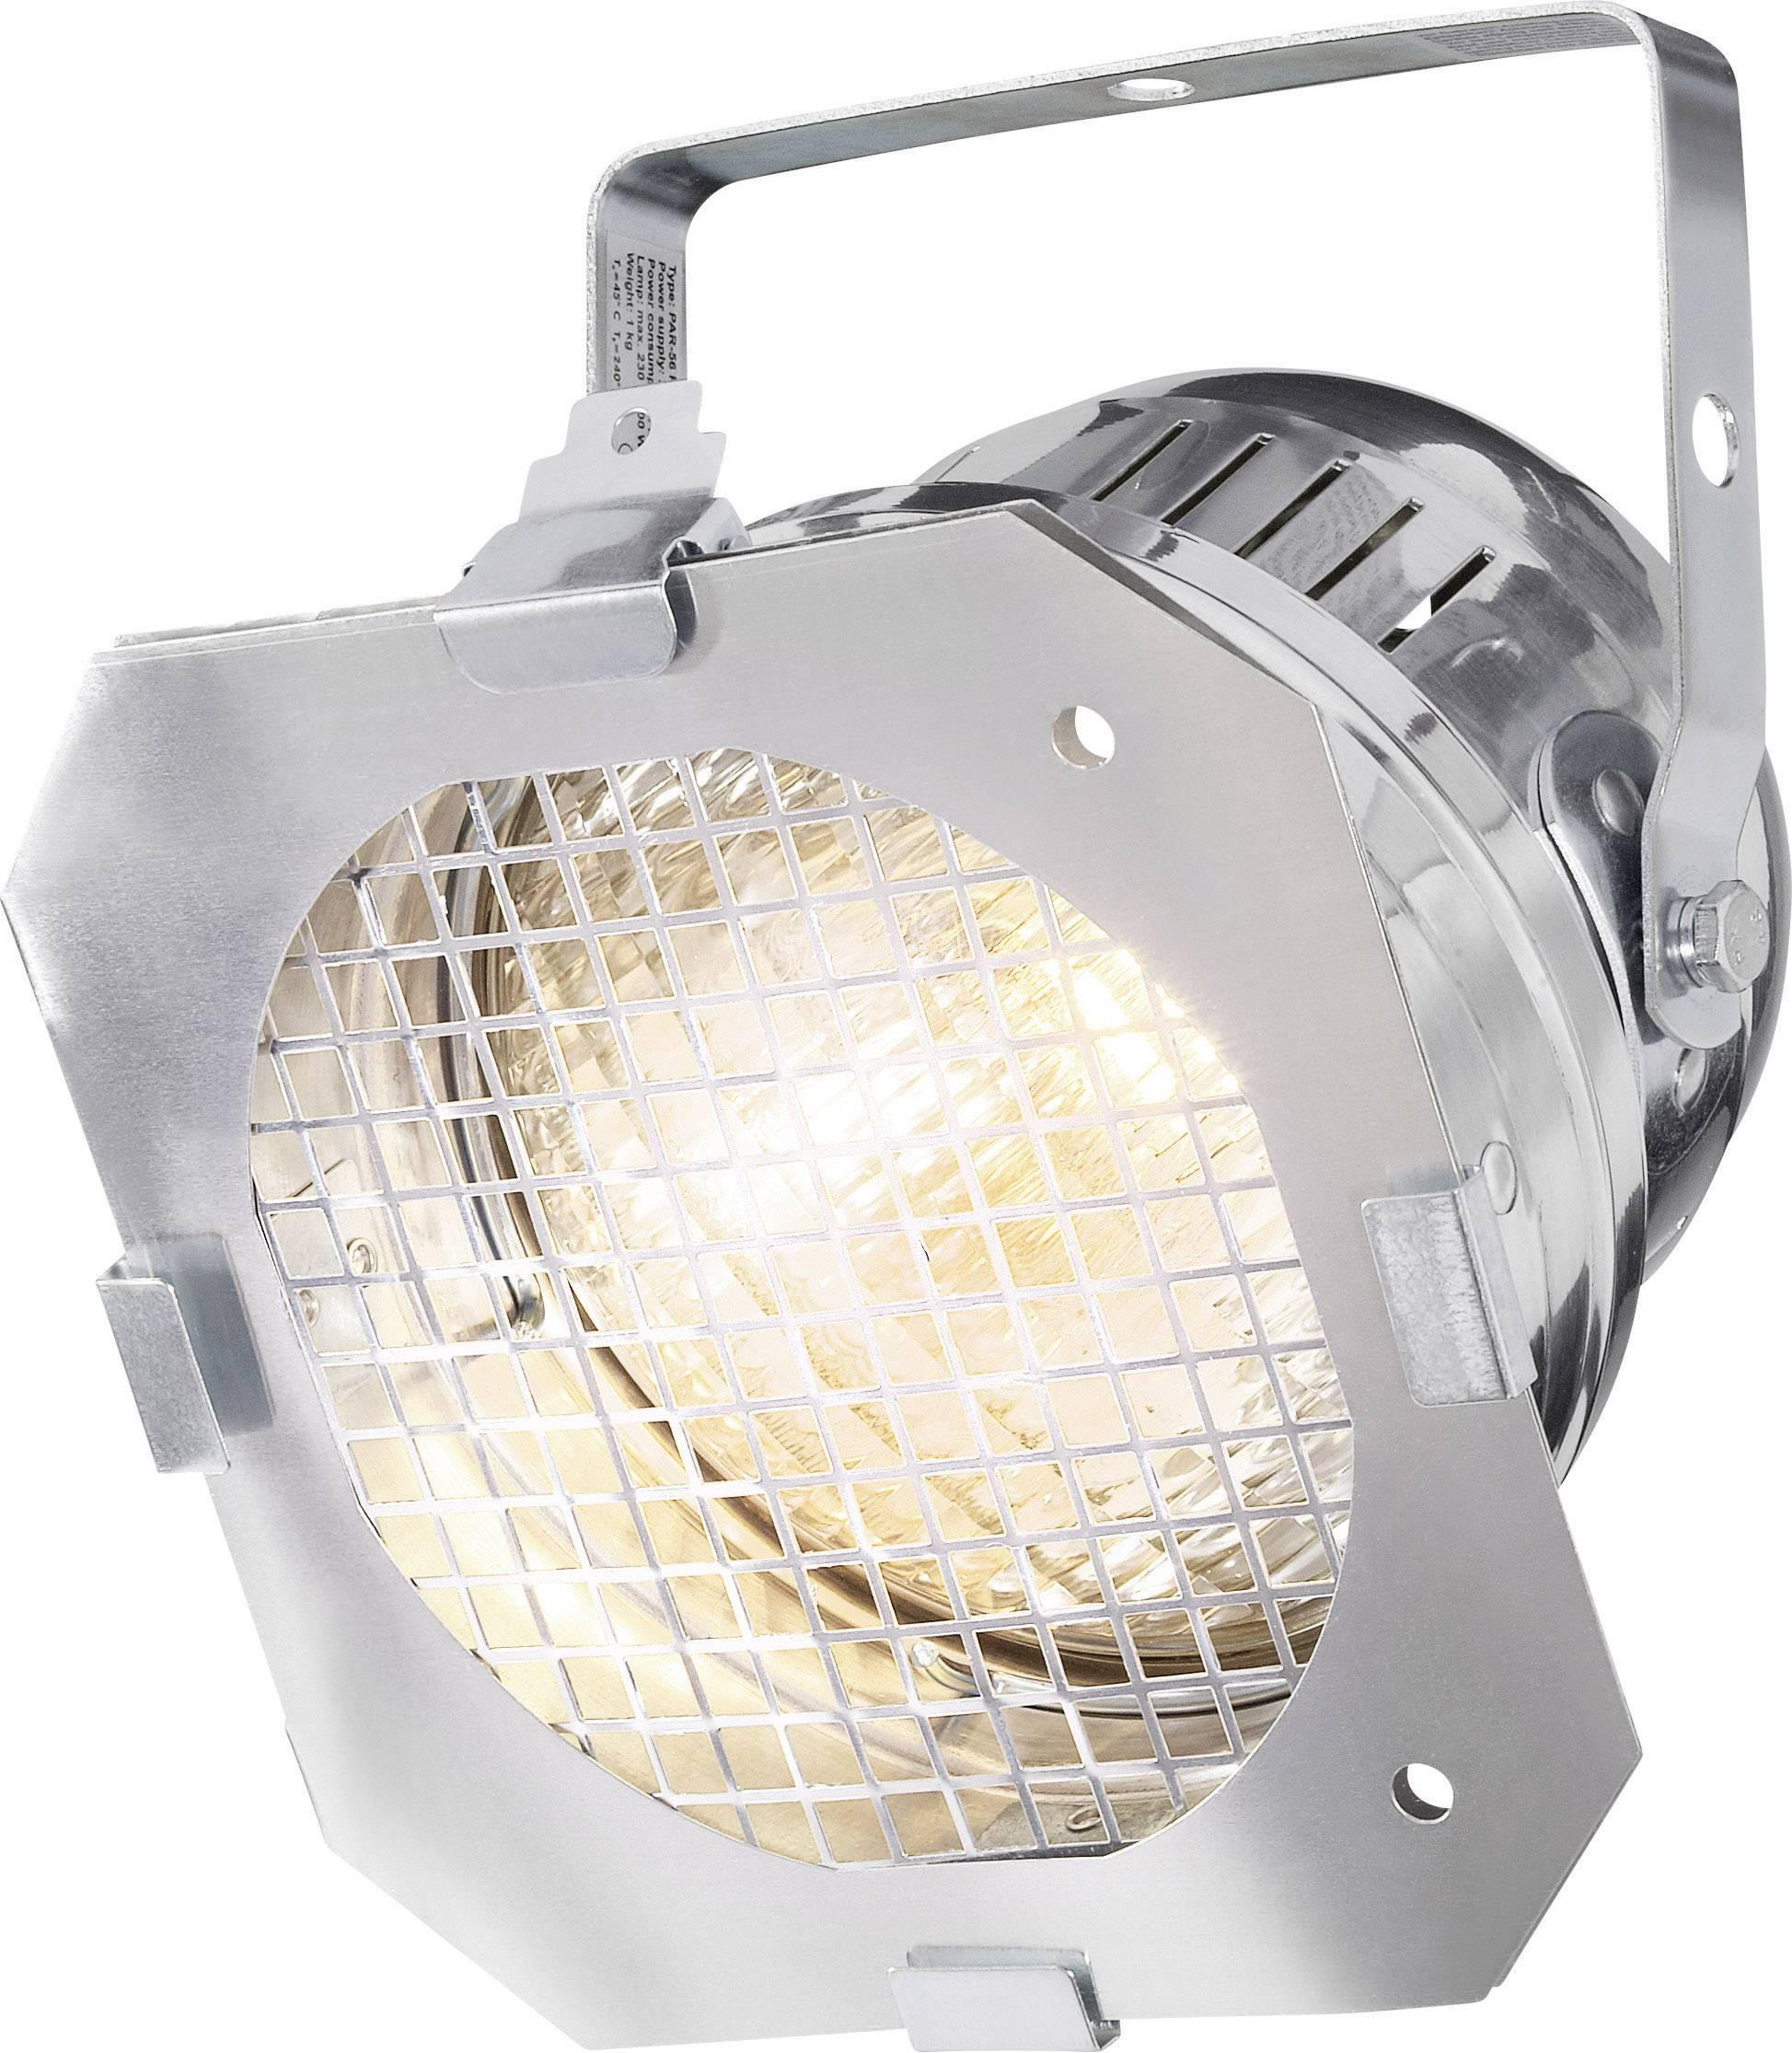 Reflektor PAR 56 Short, strieborný, vrátane 300 W svetla a 4 ks farebných filtrov